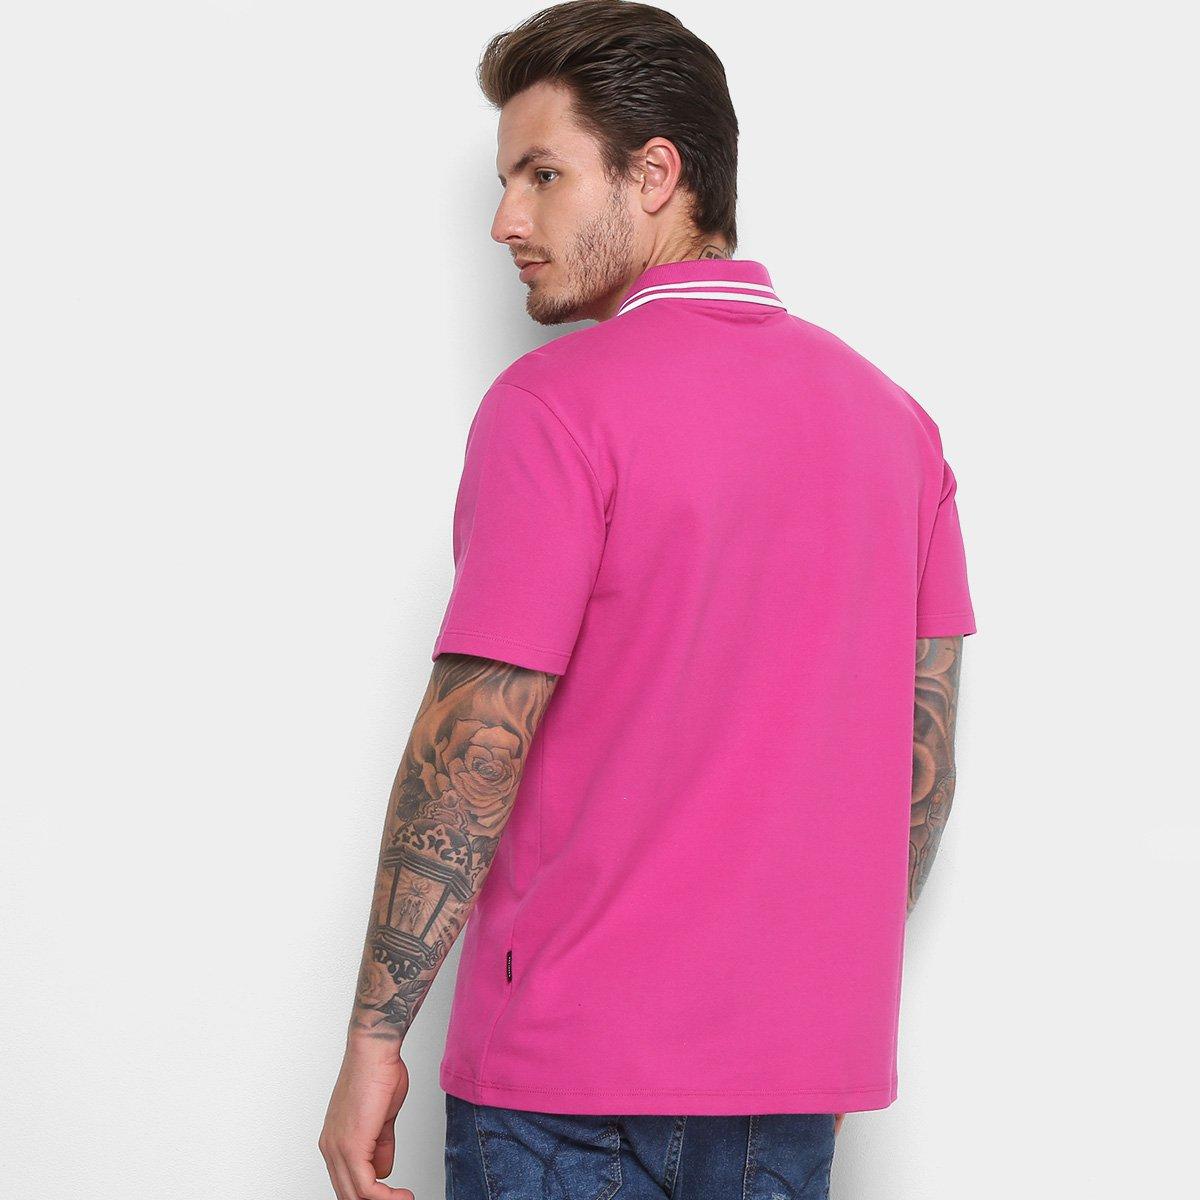 837c5c620c Camisa Polo Cavalera Piquet Frisos Masculina - Bordô - Compre Agora ...